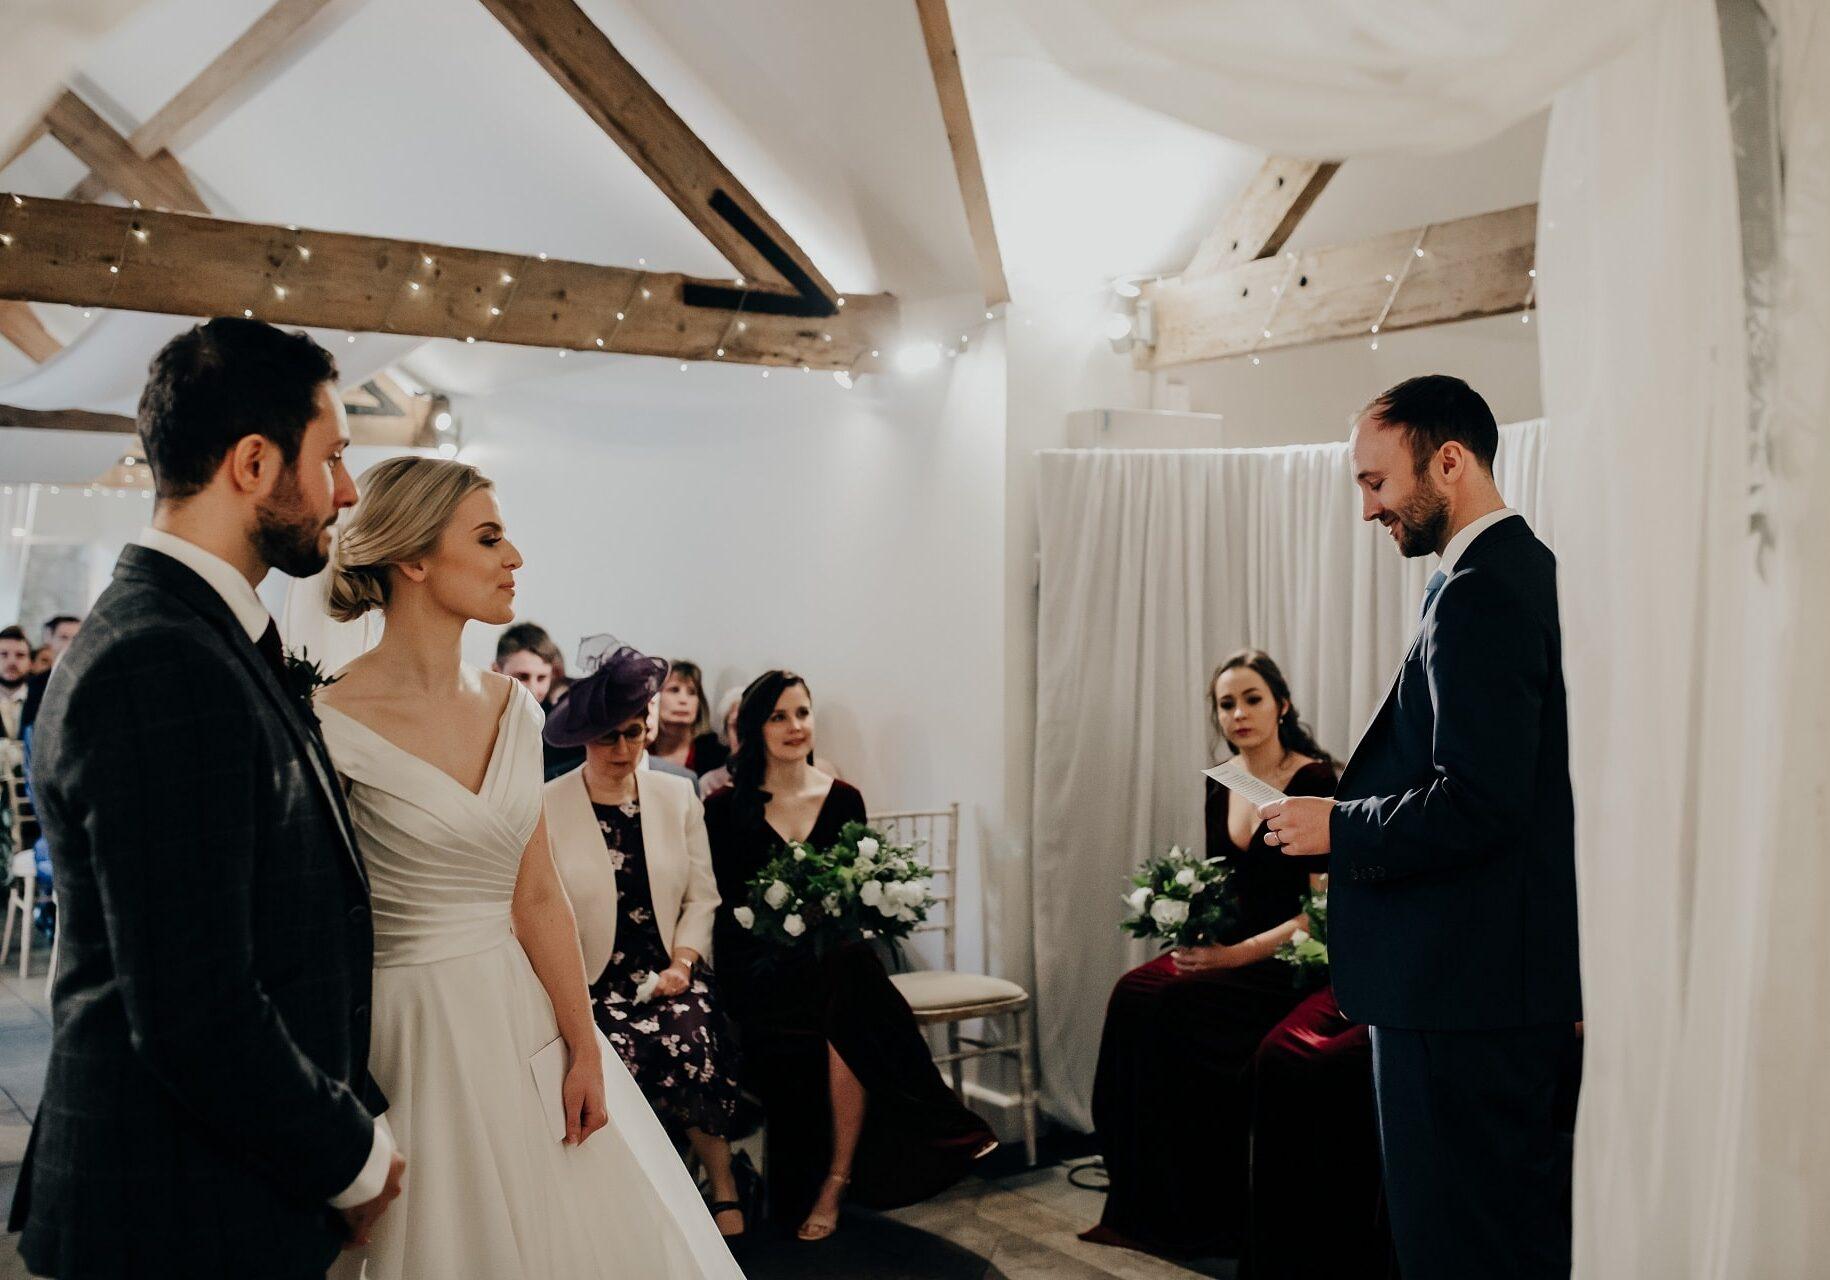 Speak at wedding